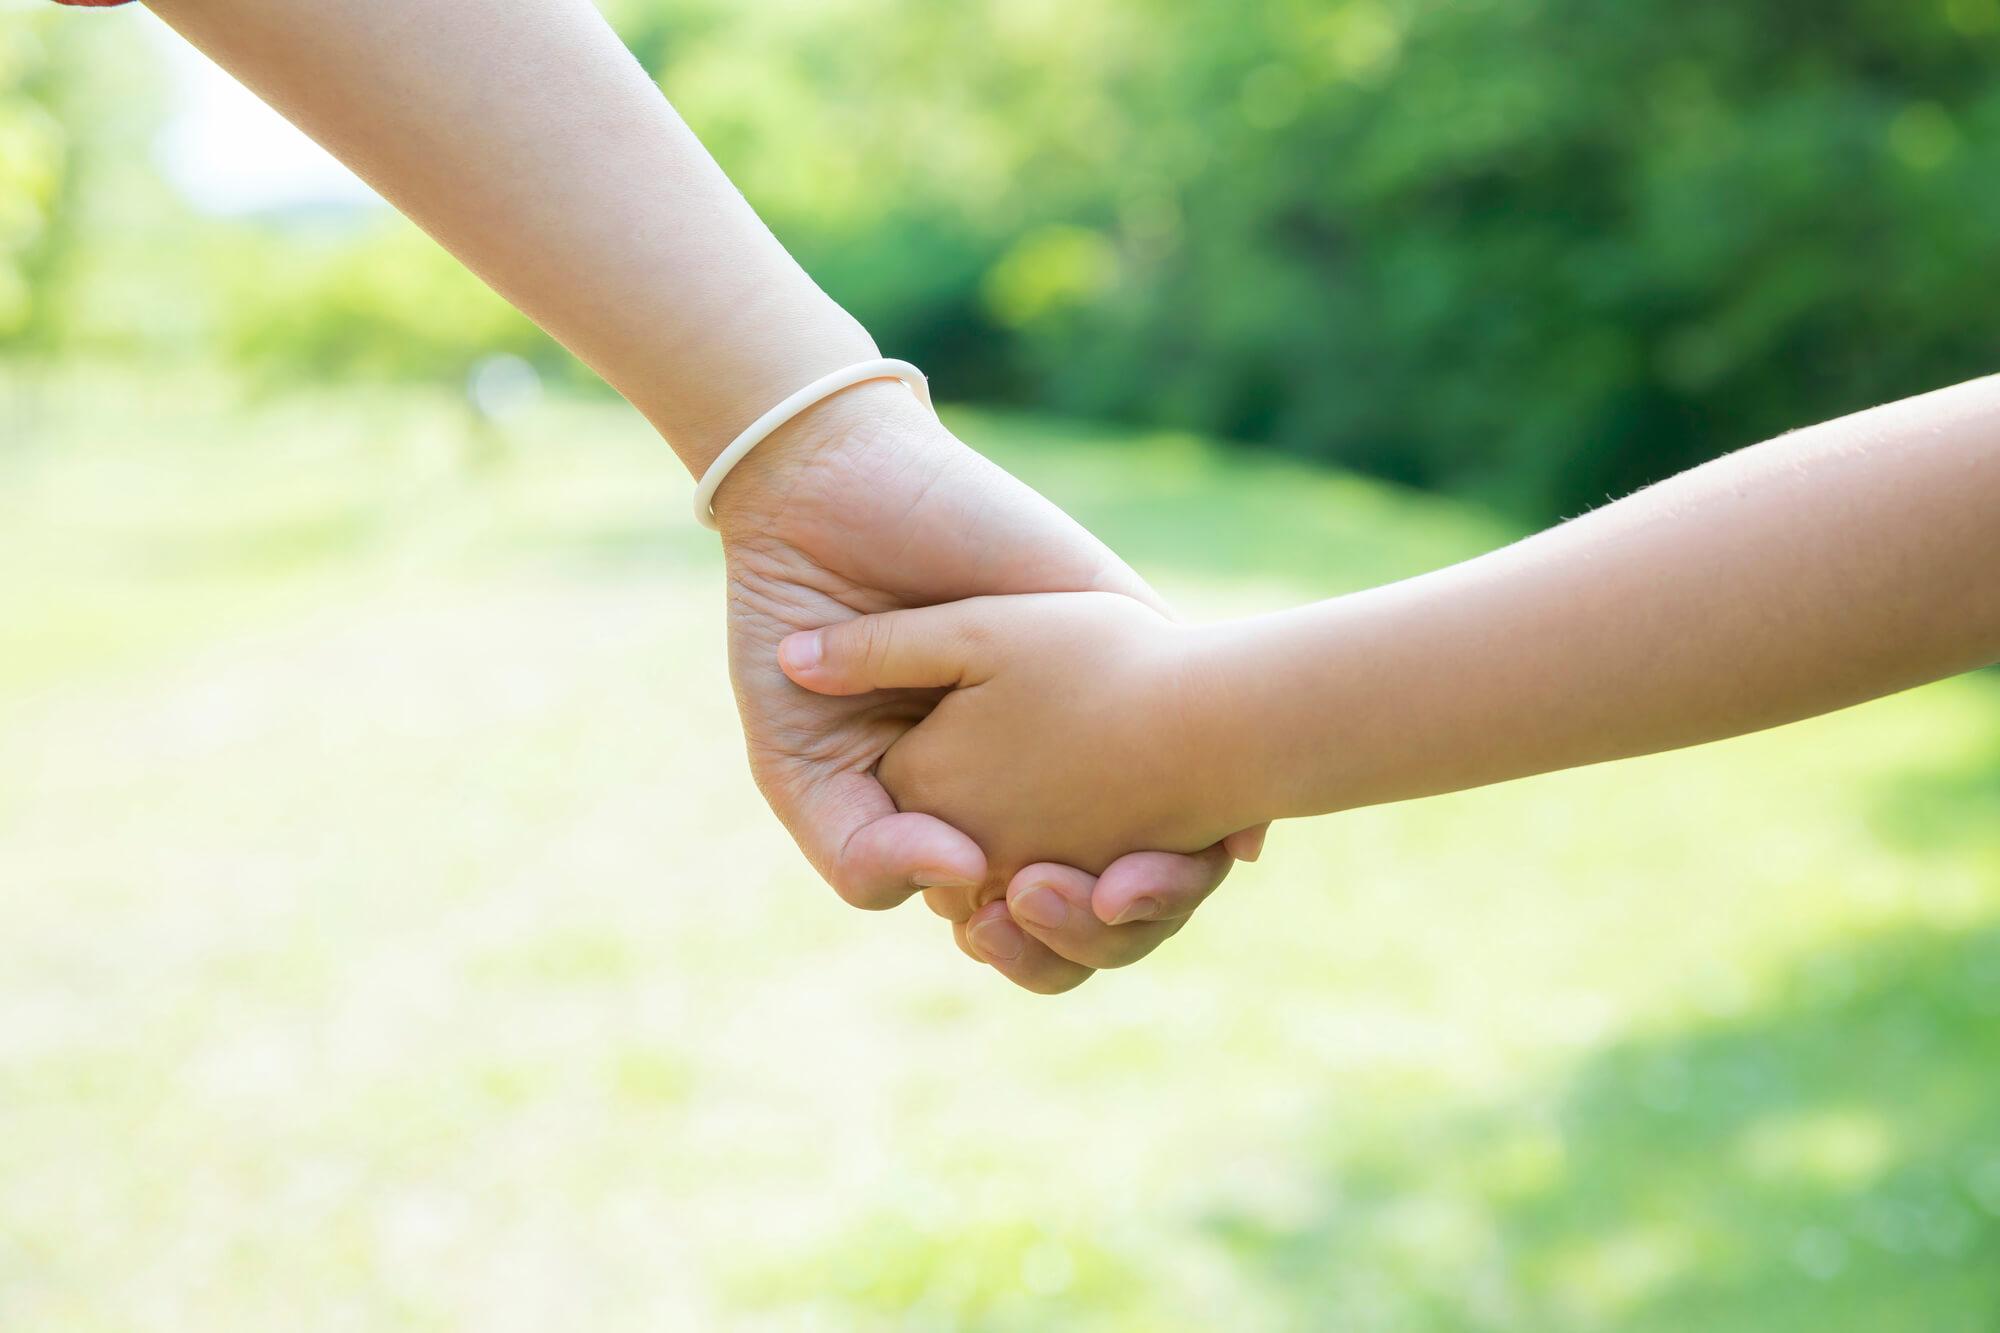 未就学児から進めたい子供の防犯対策